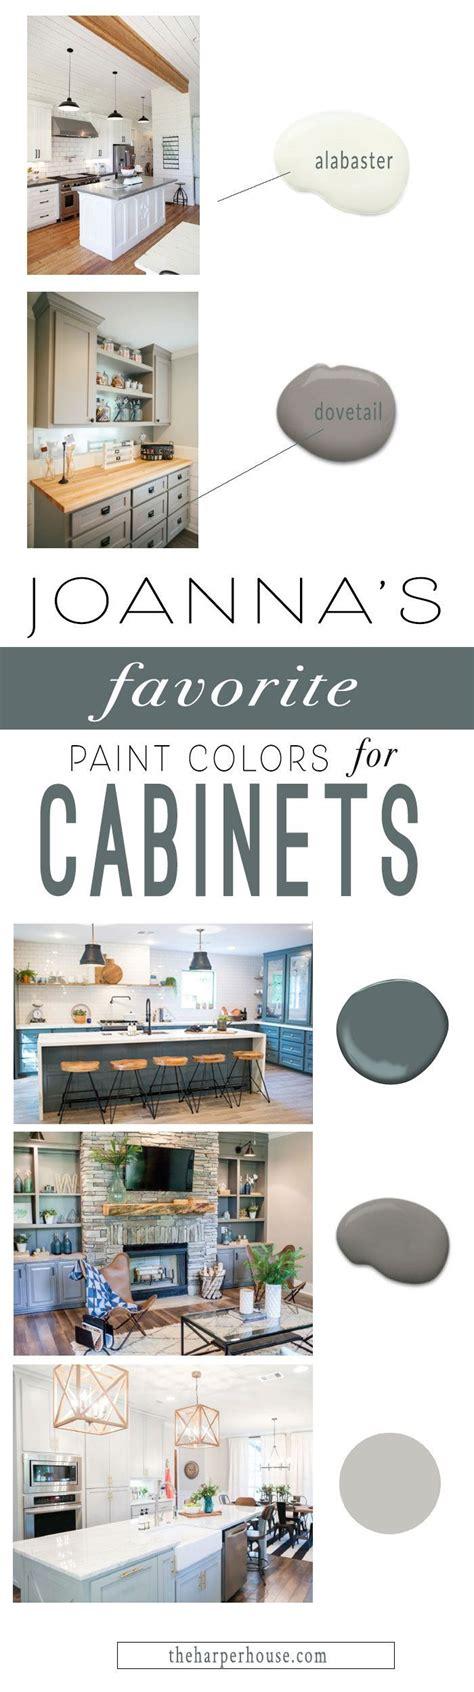 17 best ideas about fixer upper paint colors on pinterest